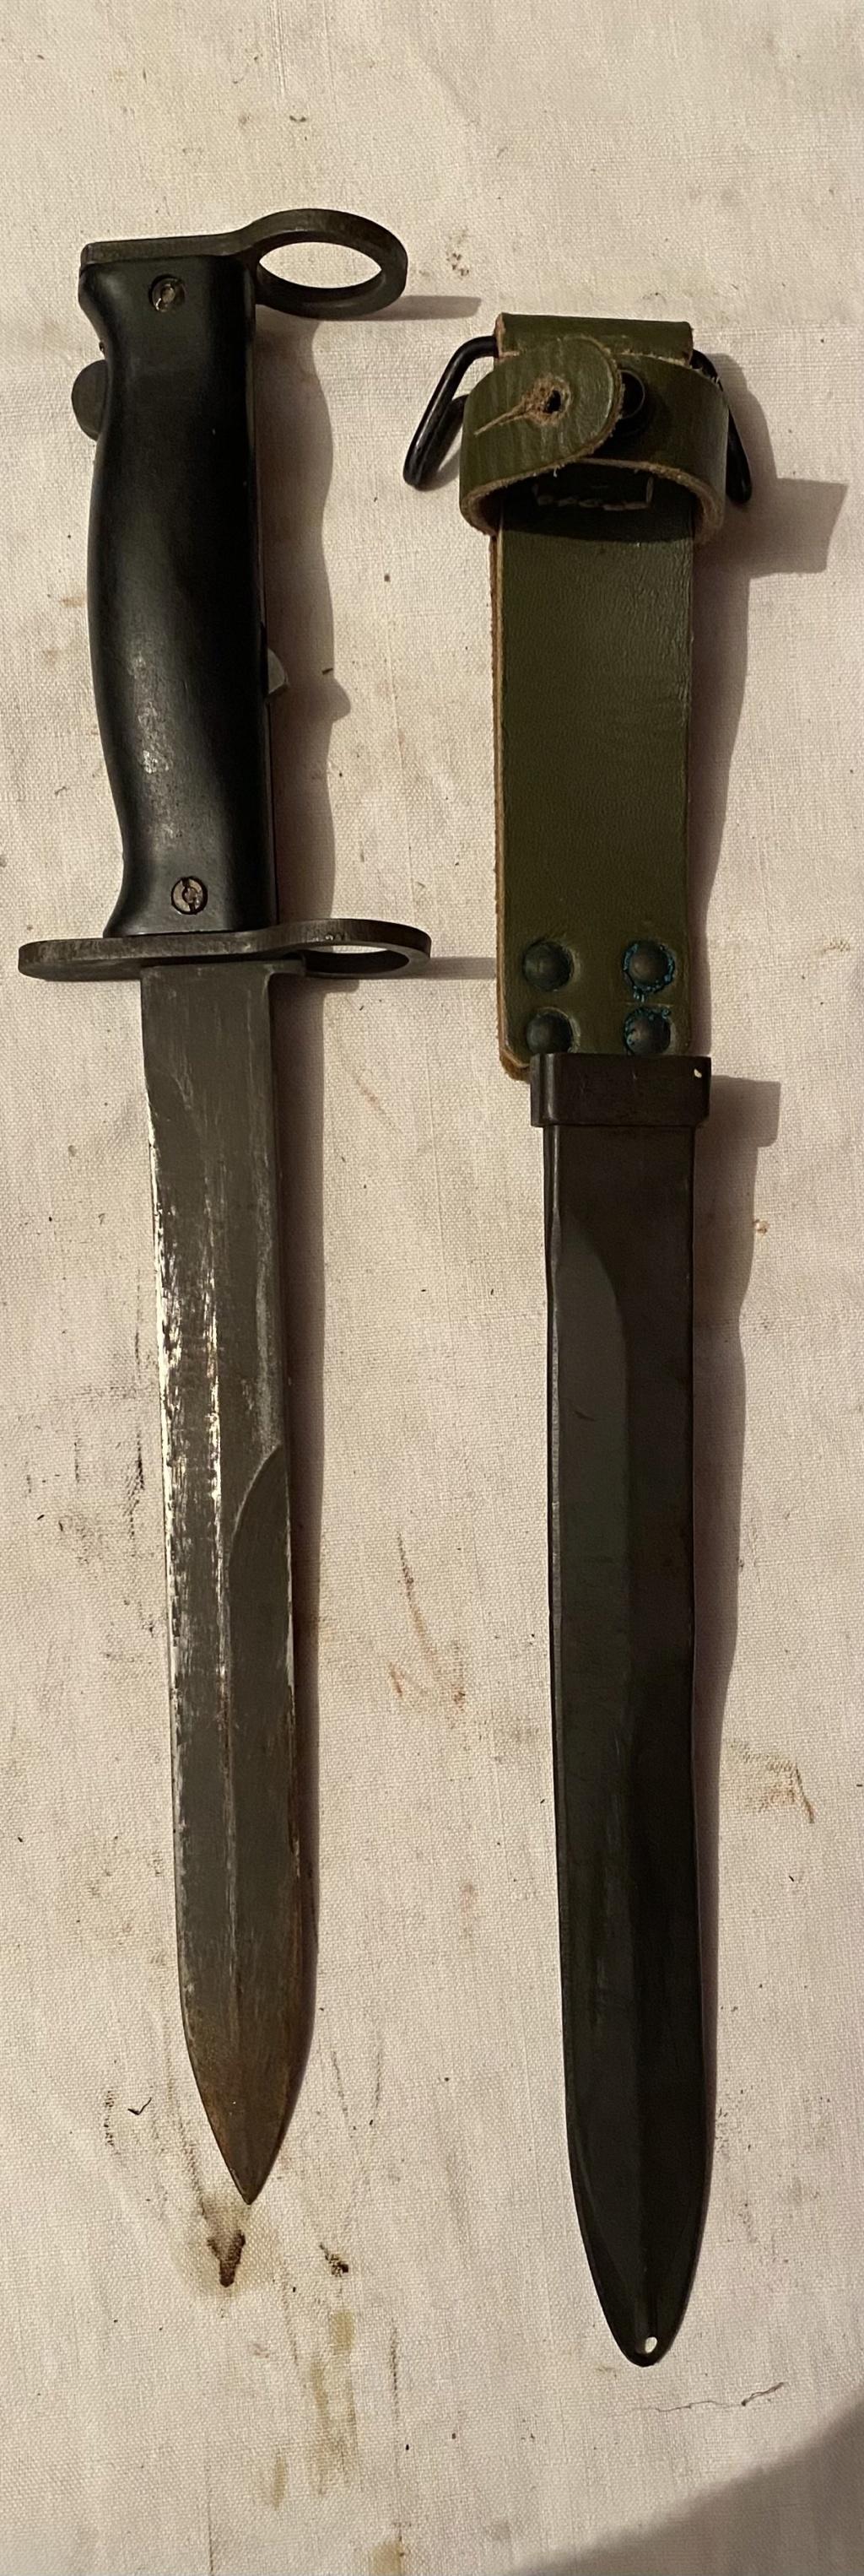 52 armes blanches ! Baïonnettes, dagues, toutes nationalités et époques ! Part 2 34_110